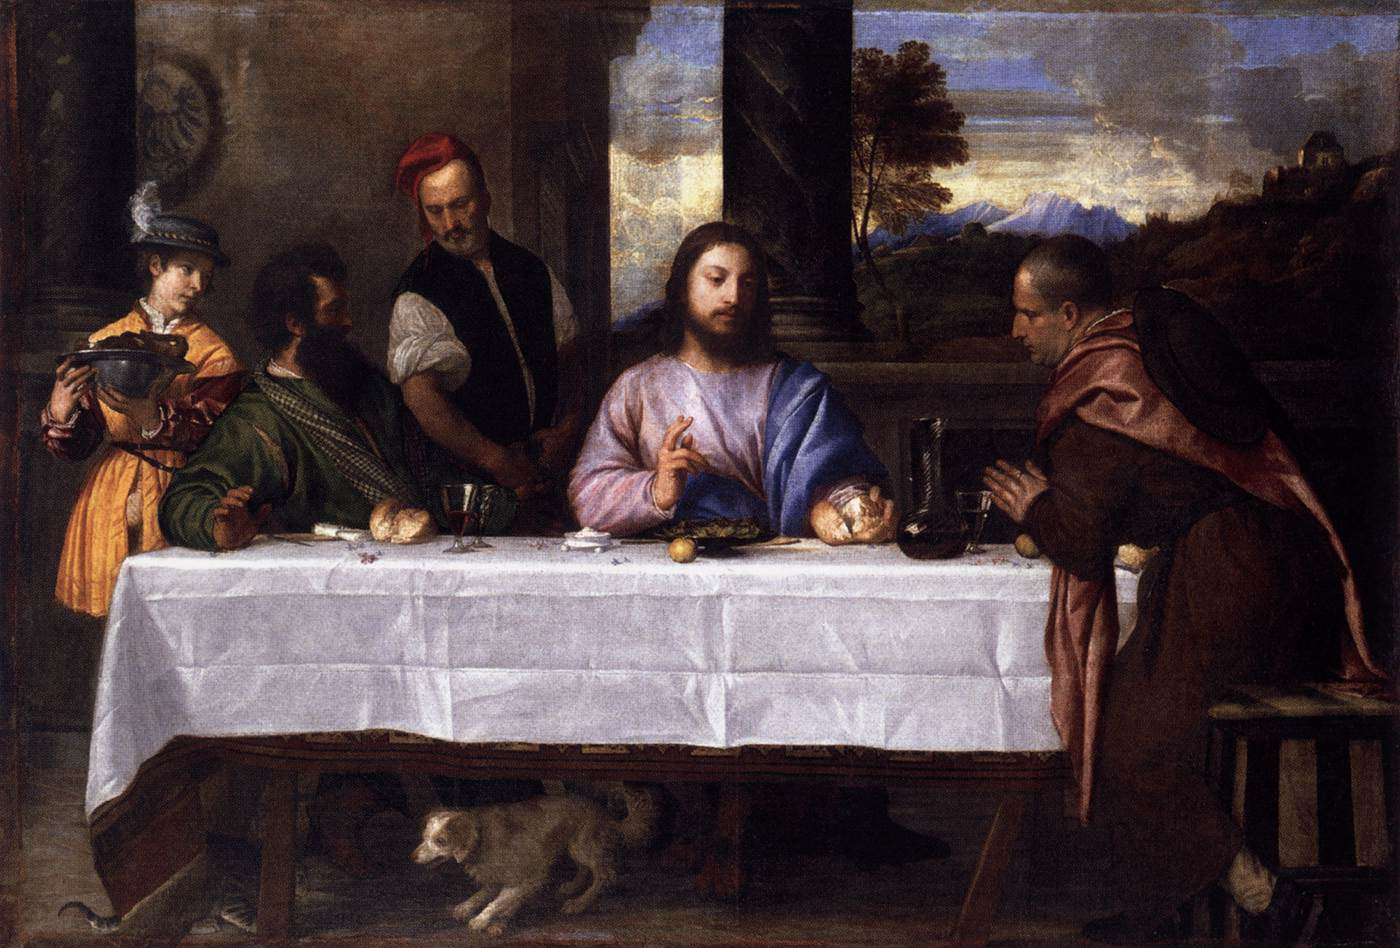 Tiziano, Cena in Emmaus (1533-1534; olio su tela, 160 x 244 cm; Parigi, Louvre)